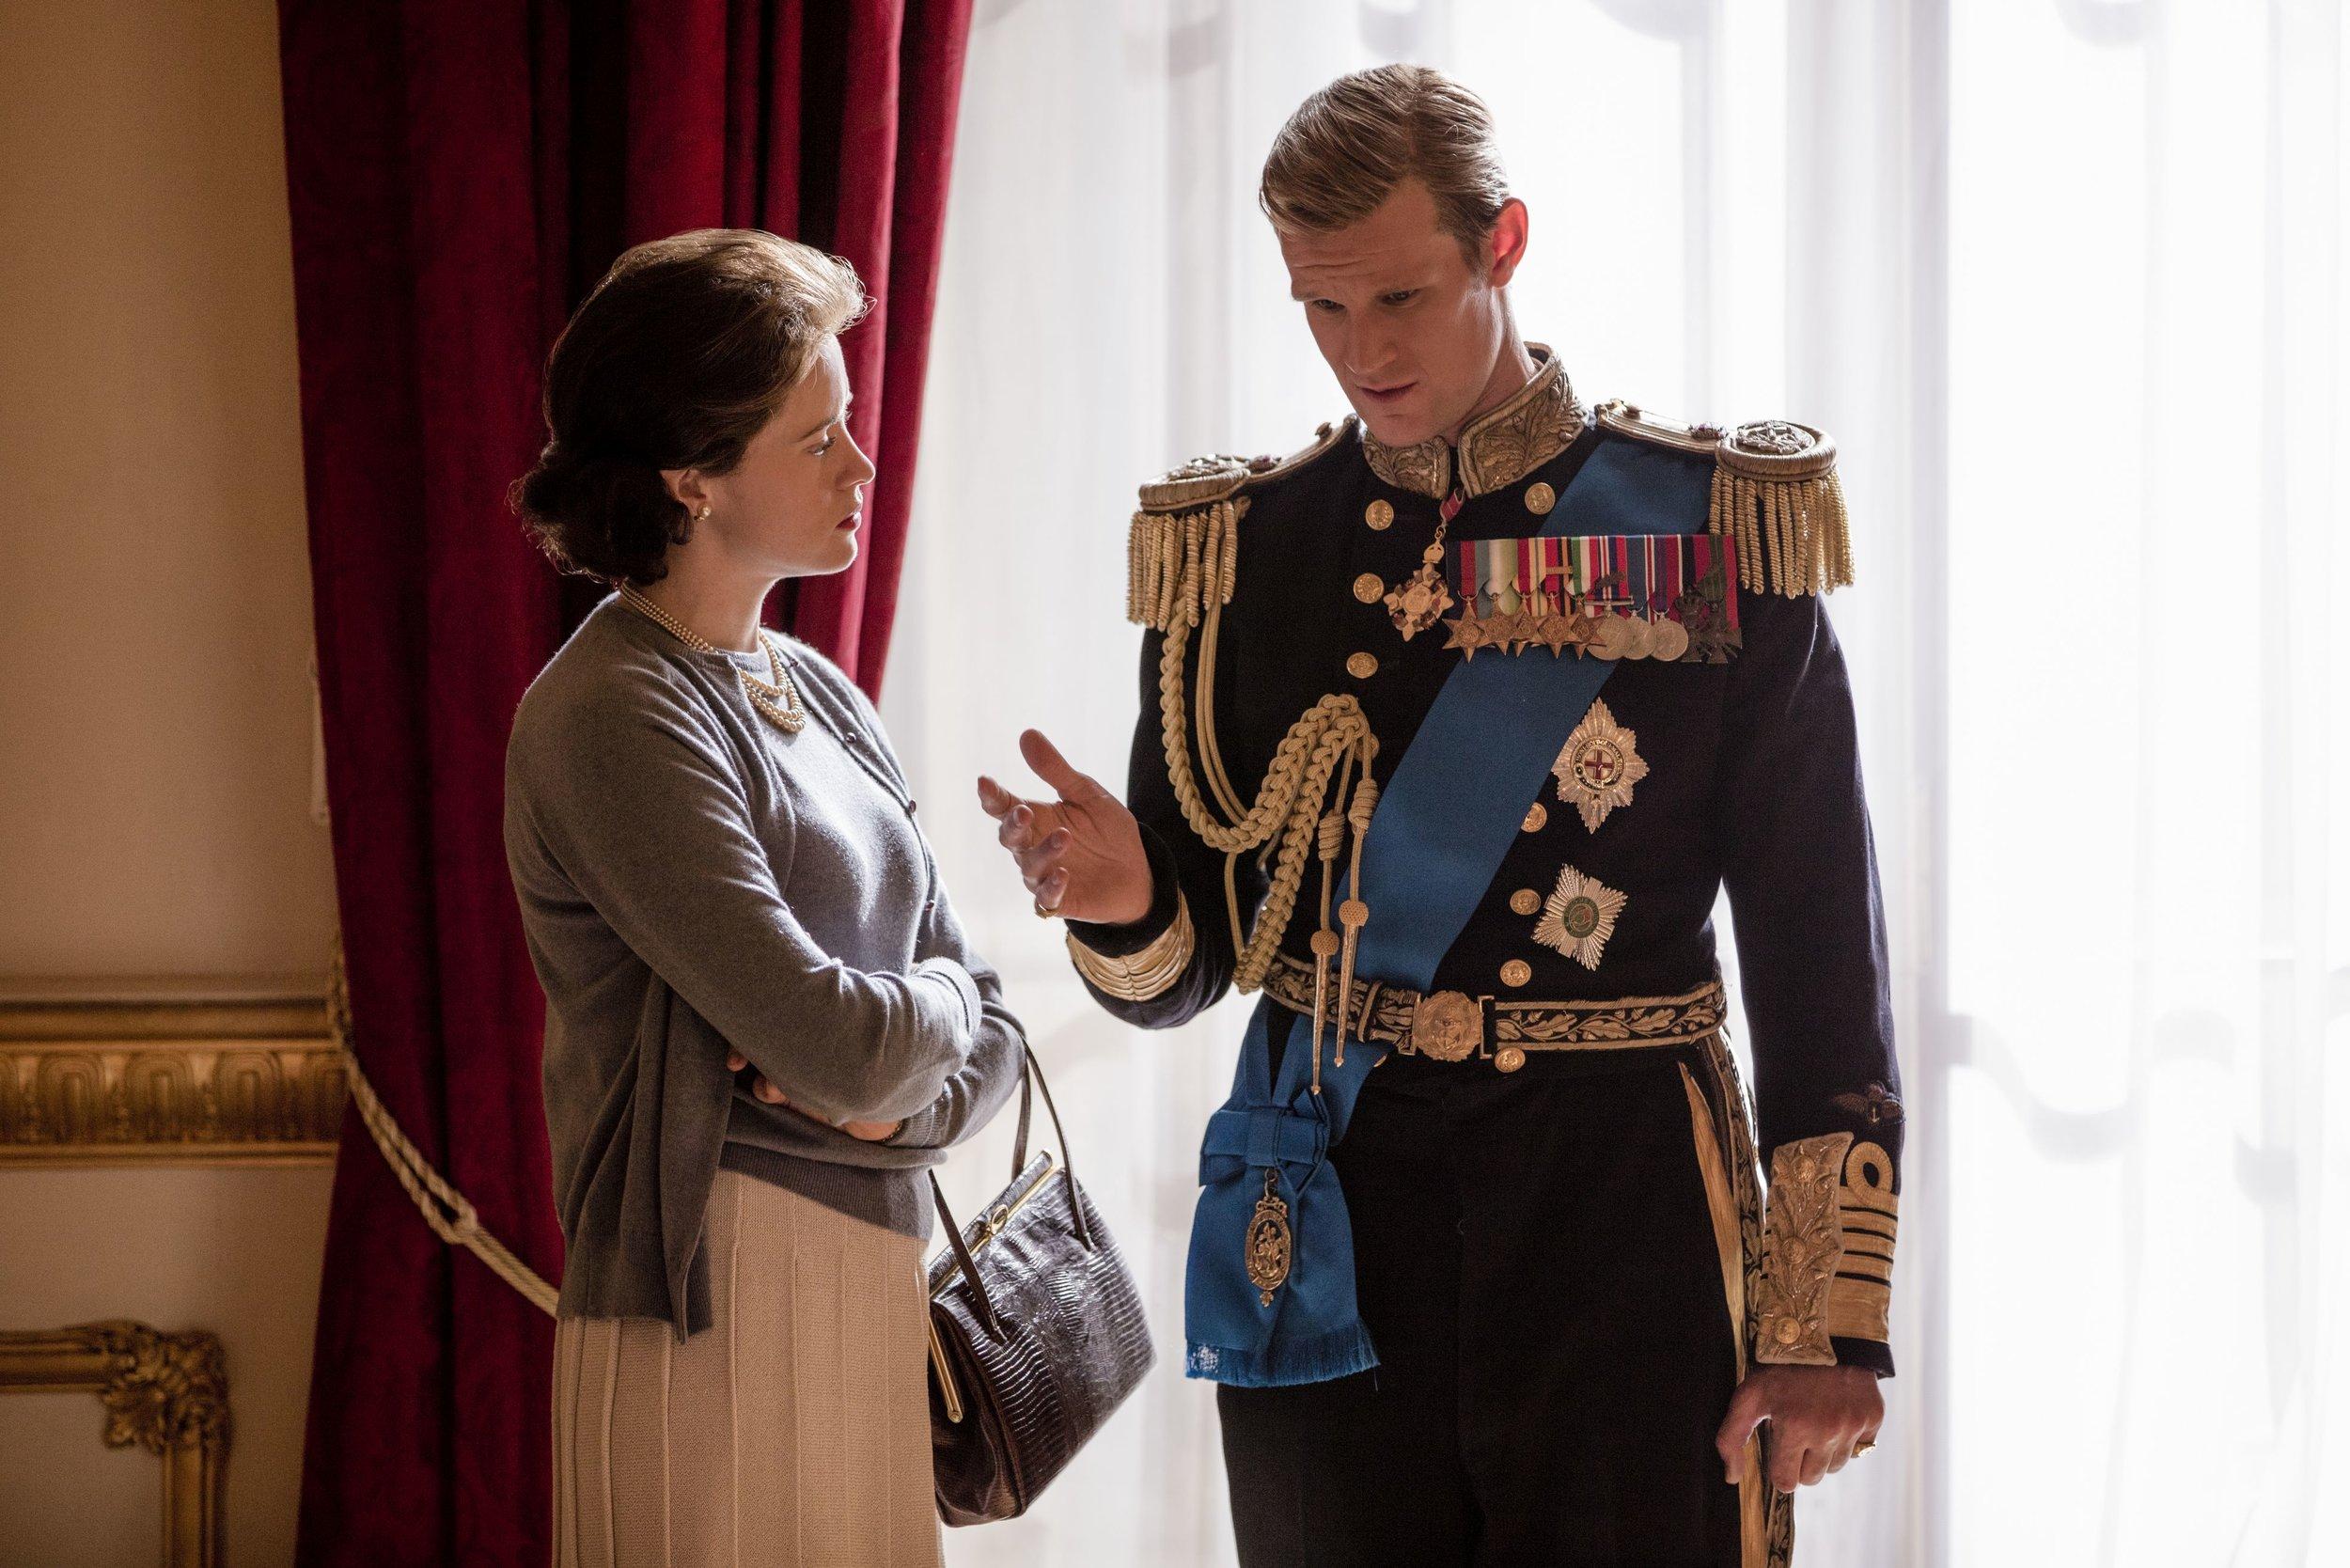 Die Ehe von Elizabeth und Philip wird auf die Probe gestellt. Betrügt der Prinz seine Ehefrau etwa?    Foto:Robert Viglasky / Netflix